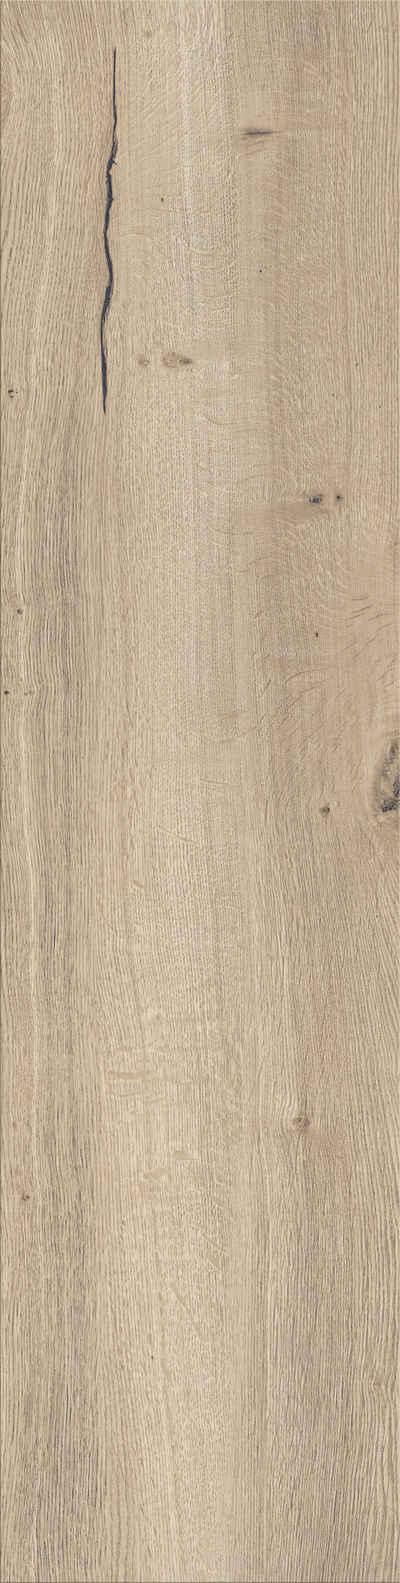 Laminat eiche hell textur  Laminat online kaufen | OTTO